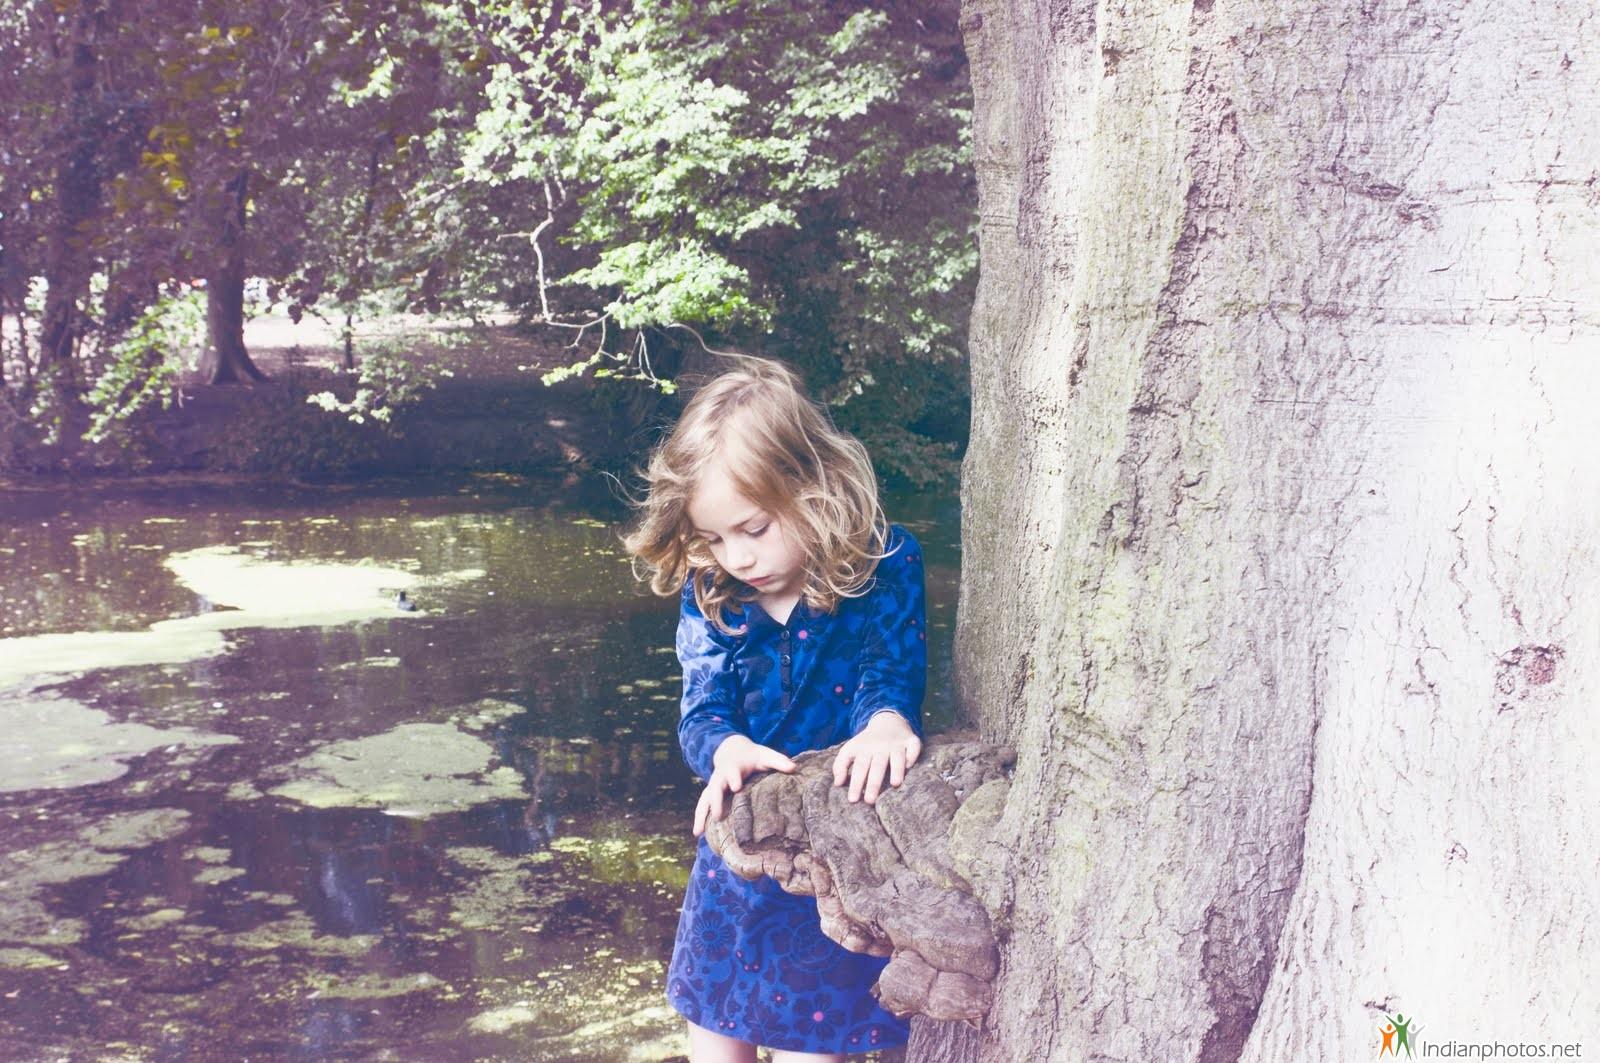 http://2.bp.blogspot.com/-TKGIuwhEQLY/TyYvuK1_RdI/AAAAAAAABlE/TeEfdjn8bLE/s1600/adele+baby+hood+pictures+(2).jpg